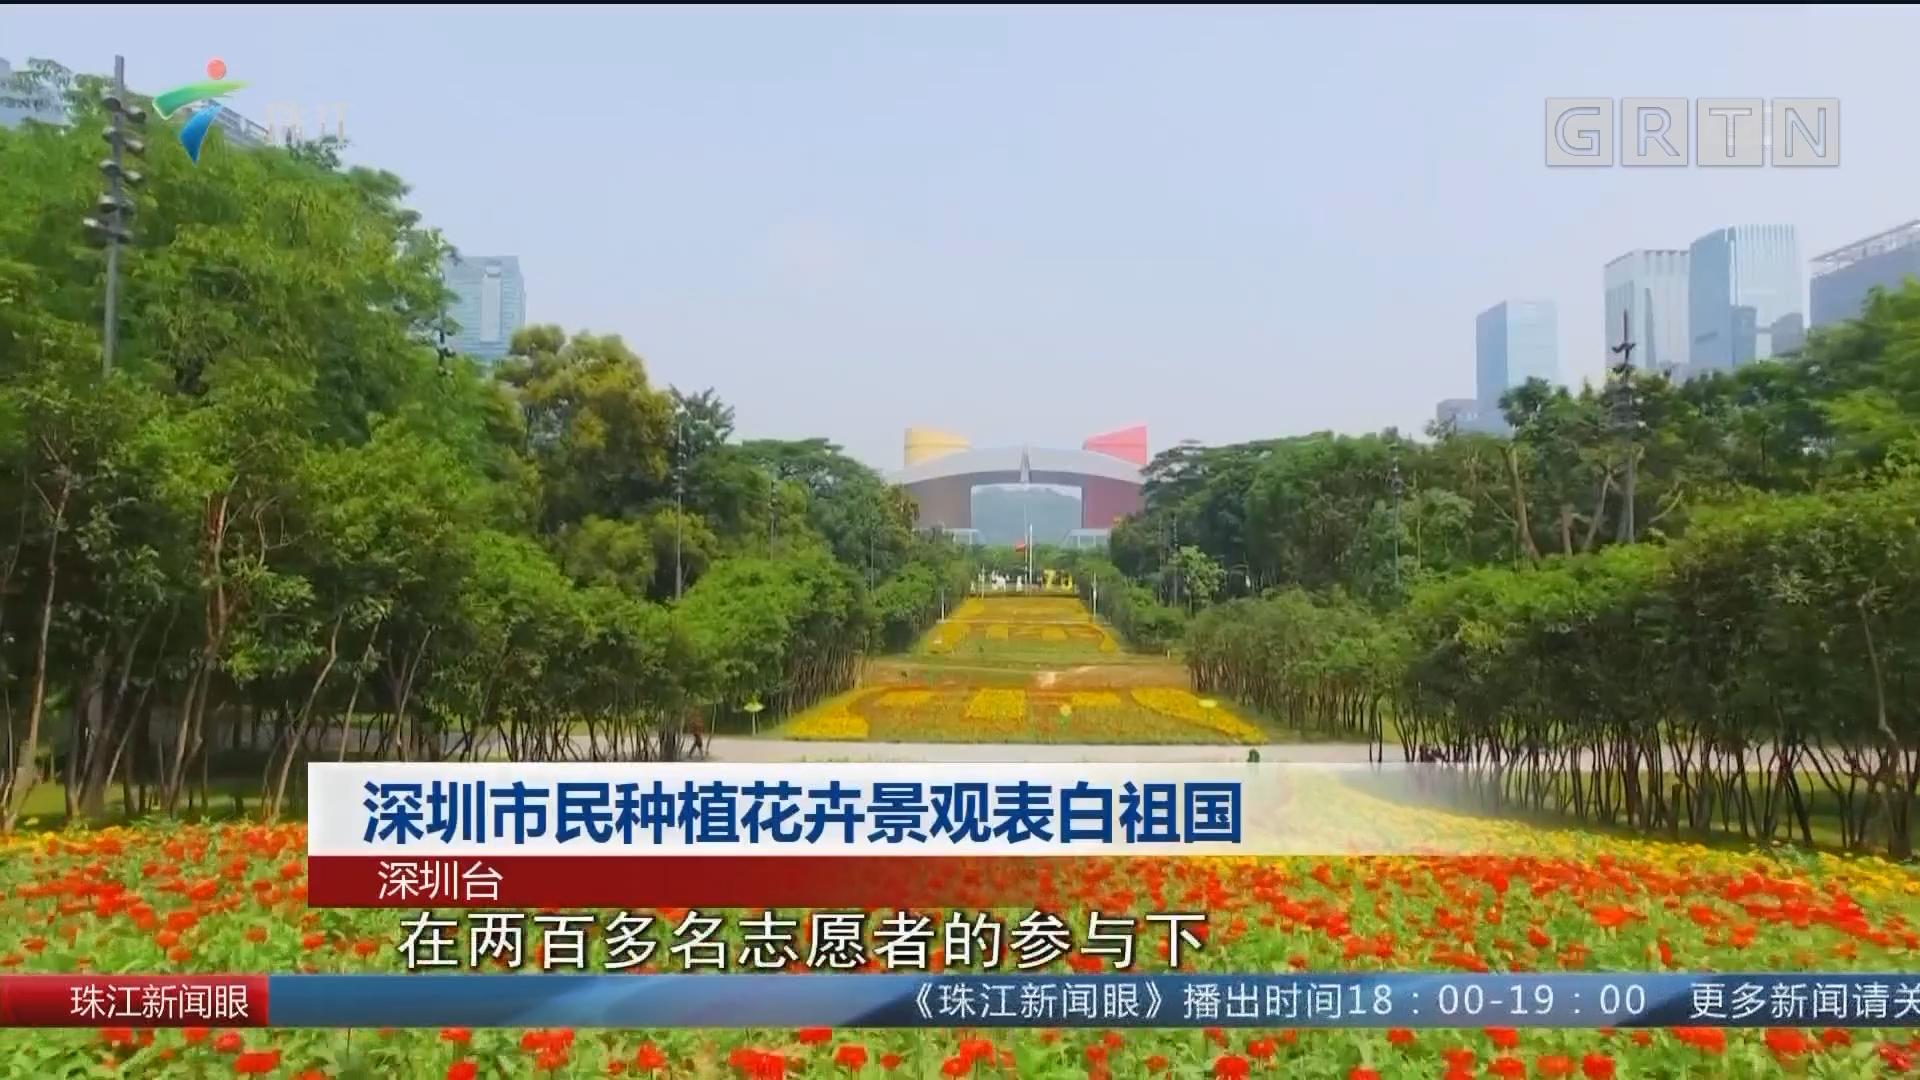 深圳市民種植花卉景觀表白祖國